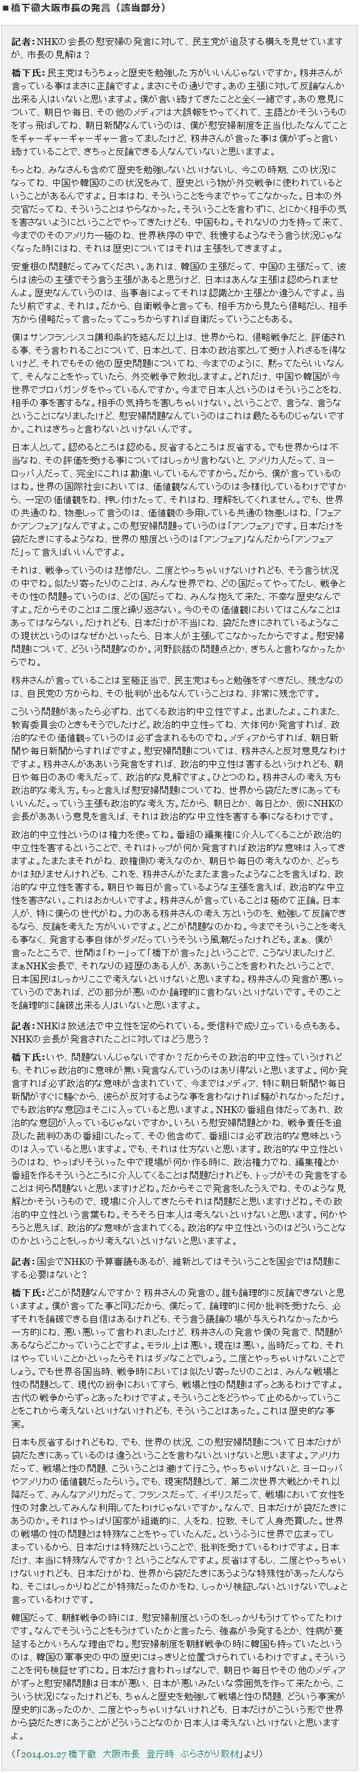 橋下市長NHK会長の慰安婦発言に理解発言詳報